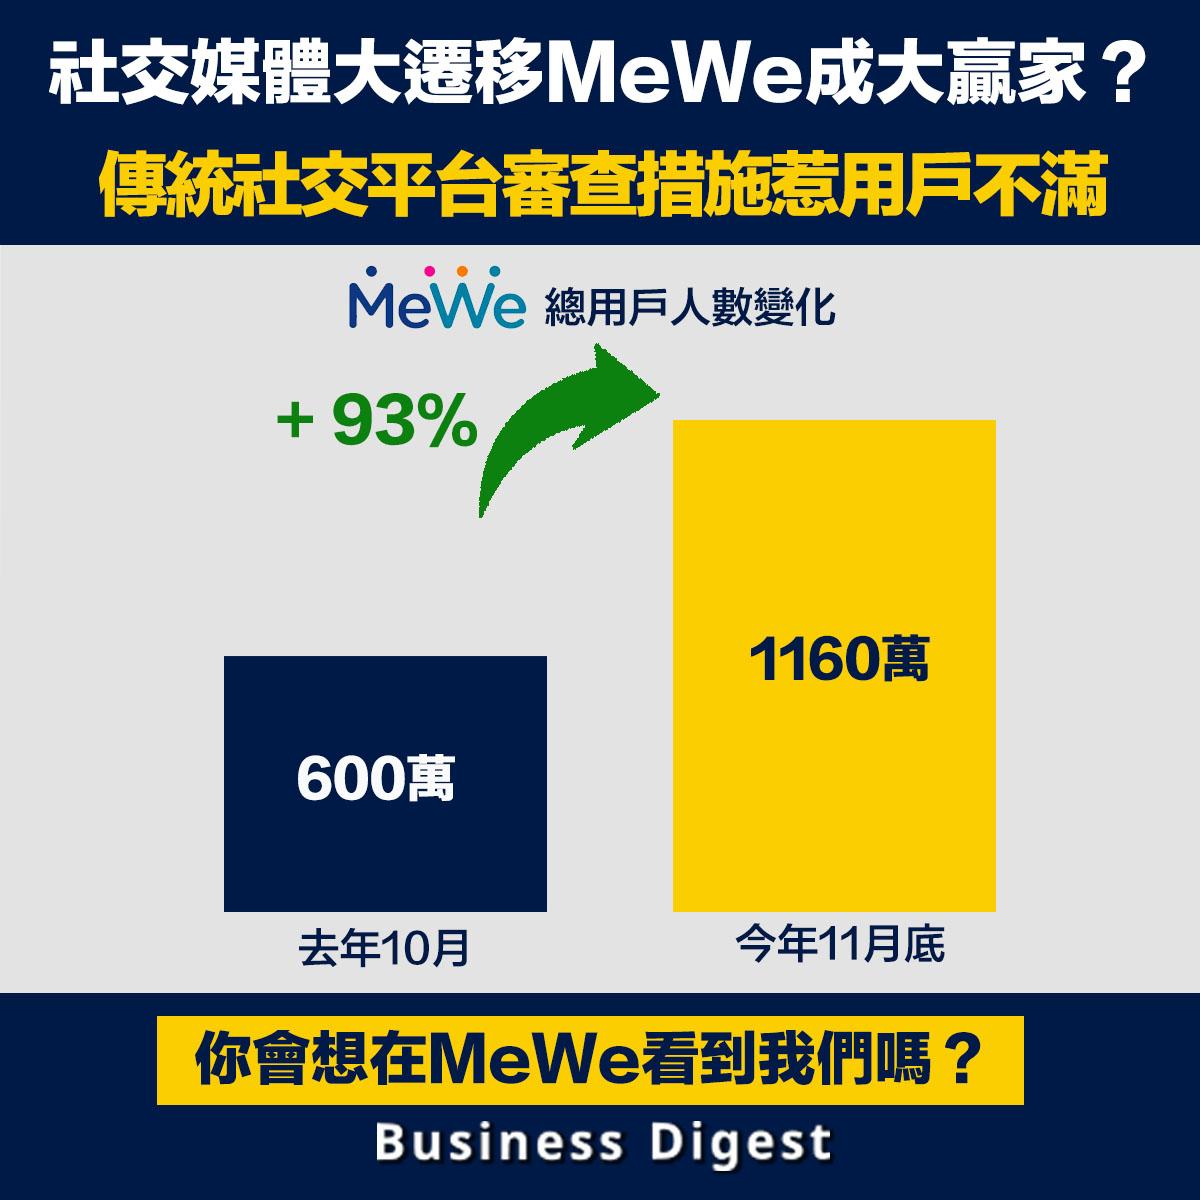 MeWe近日成為網民的熱話